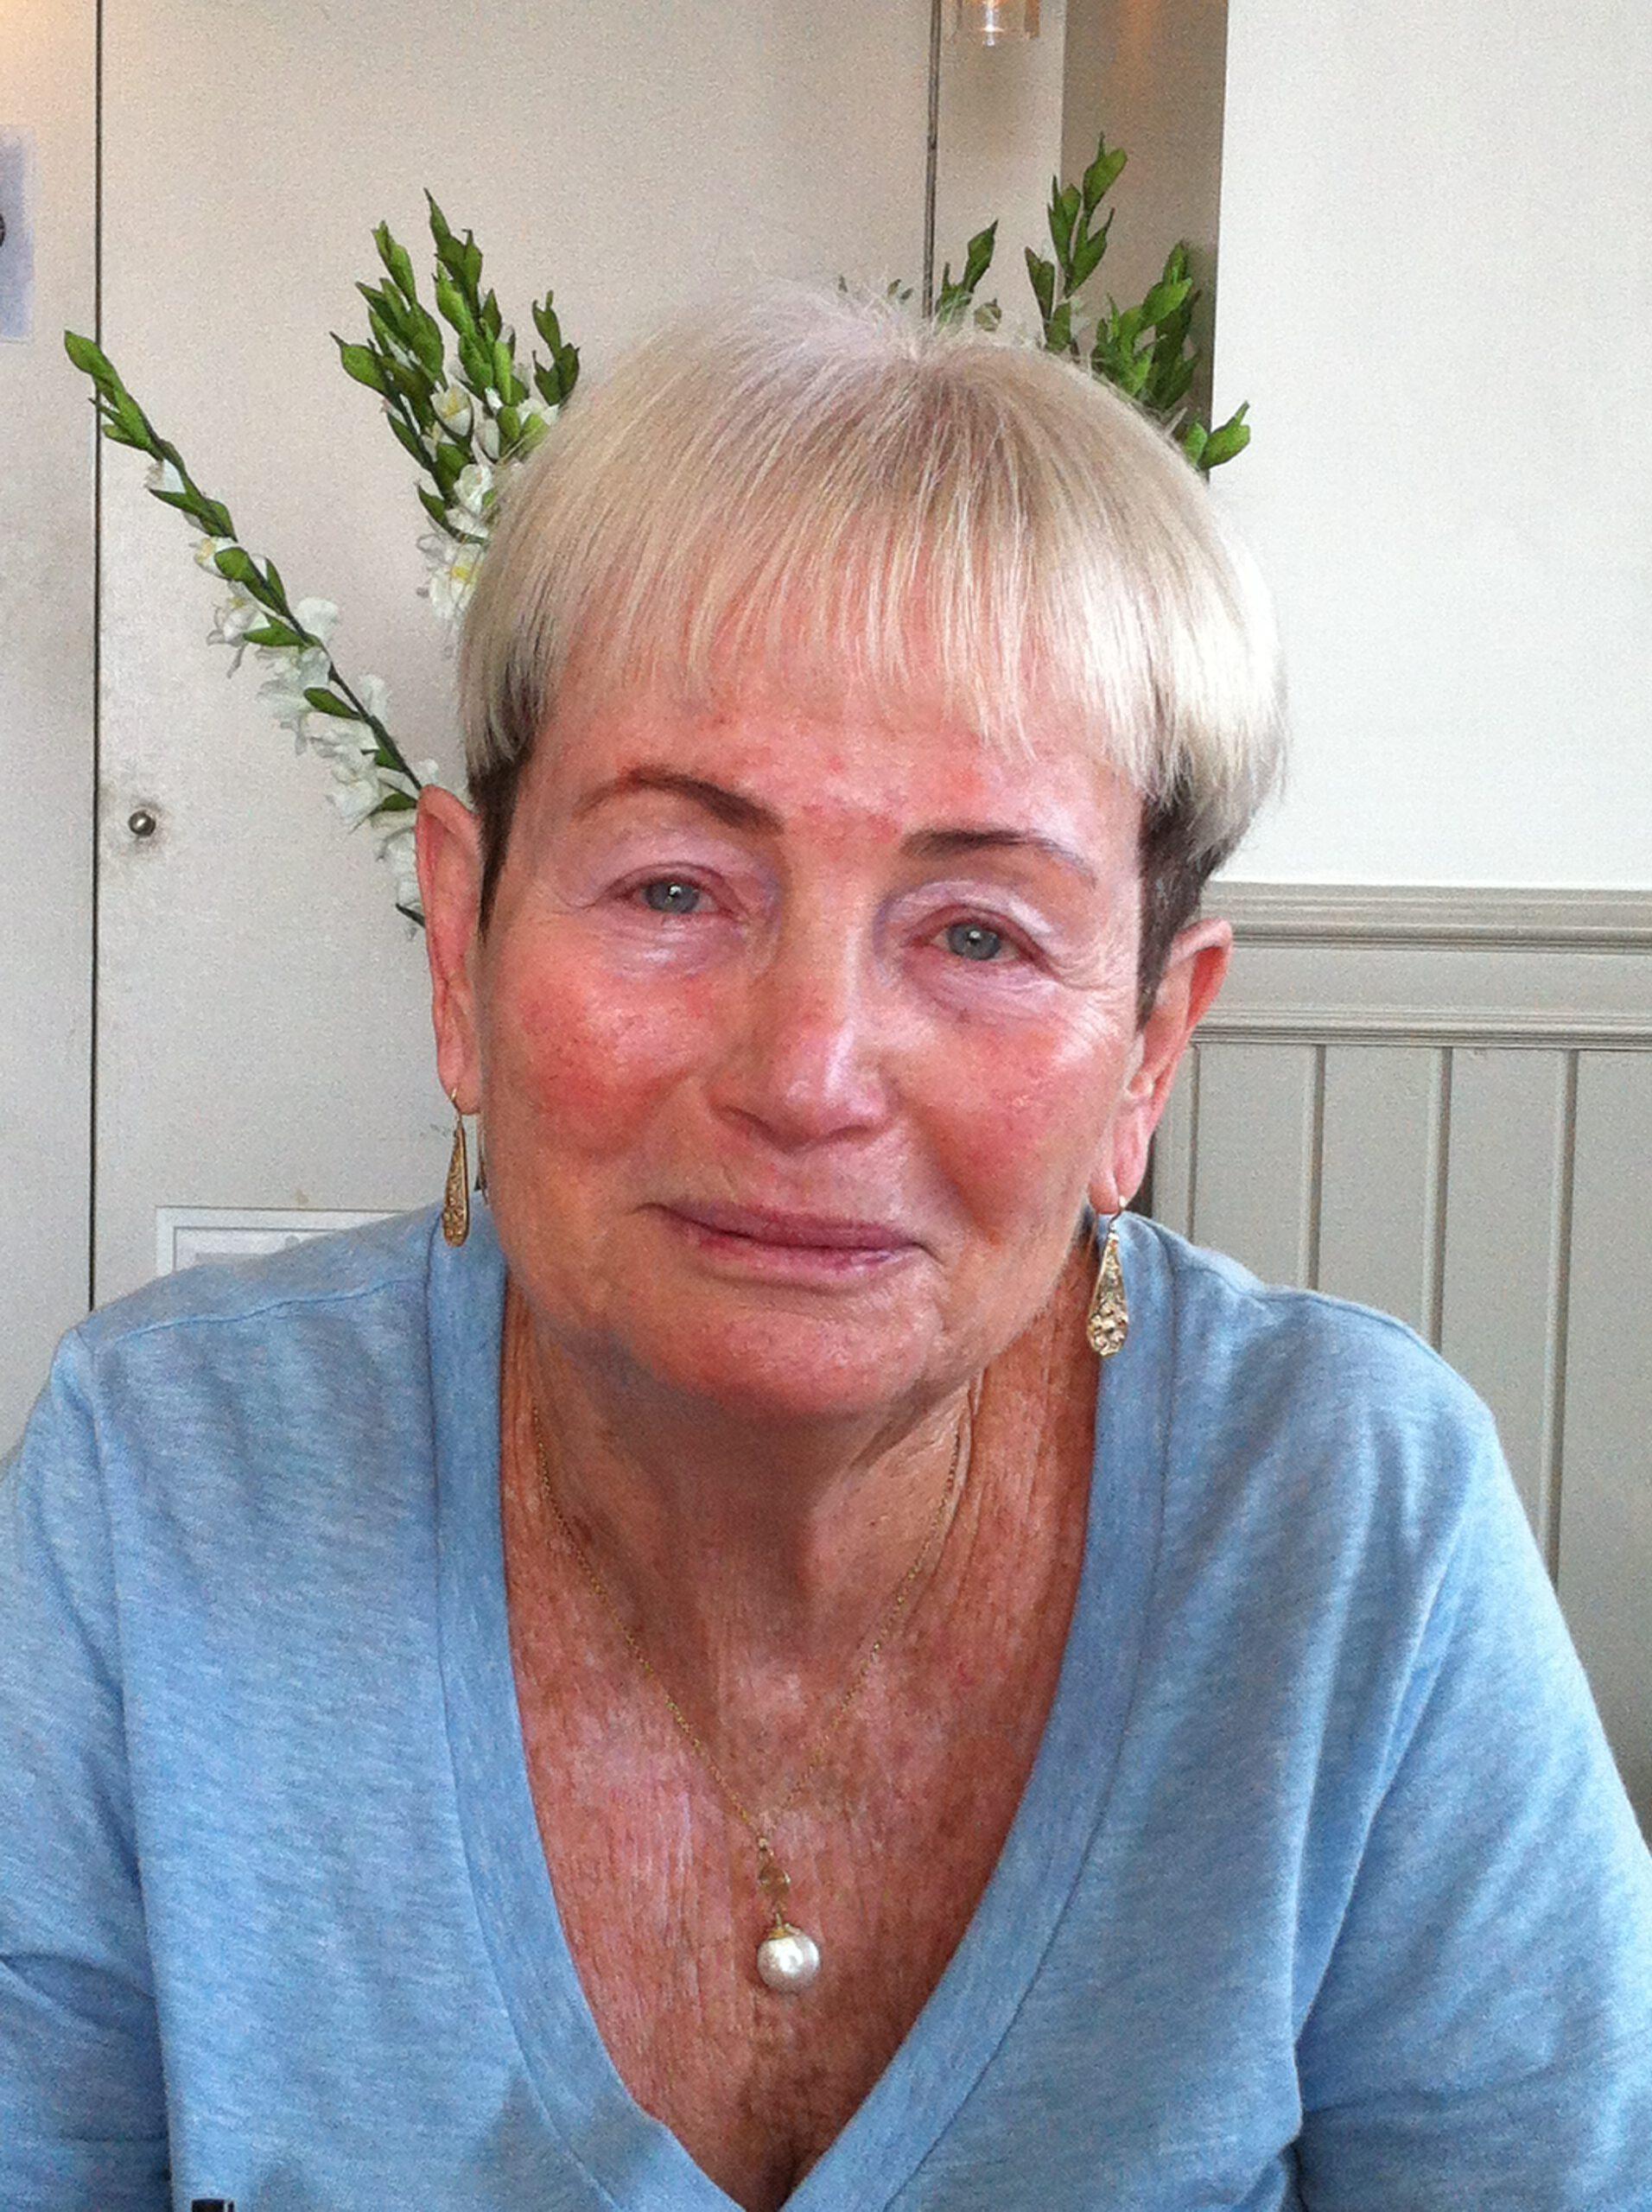 """פרופ' אריאלה לבנשטיין (מהחוג לגרנטולוגיה-מדעי הזקנה) היא כלת פרס ישראל לשנת תשפ""""א"""